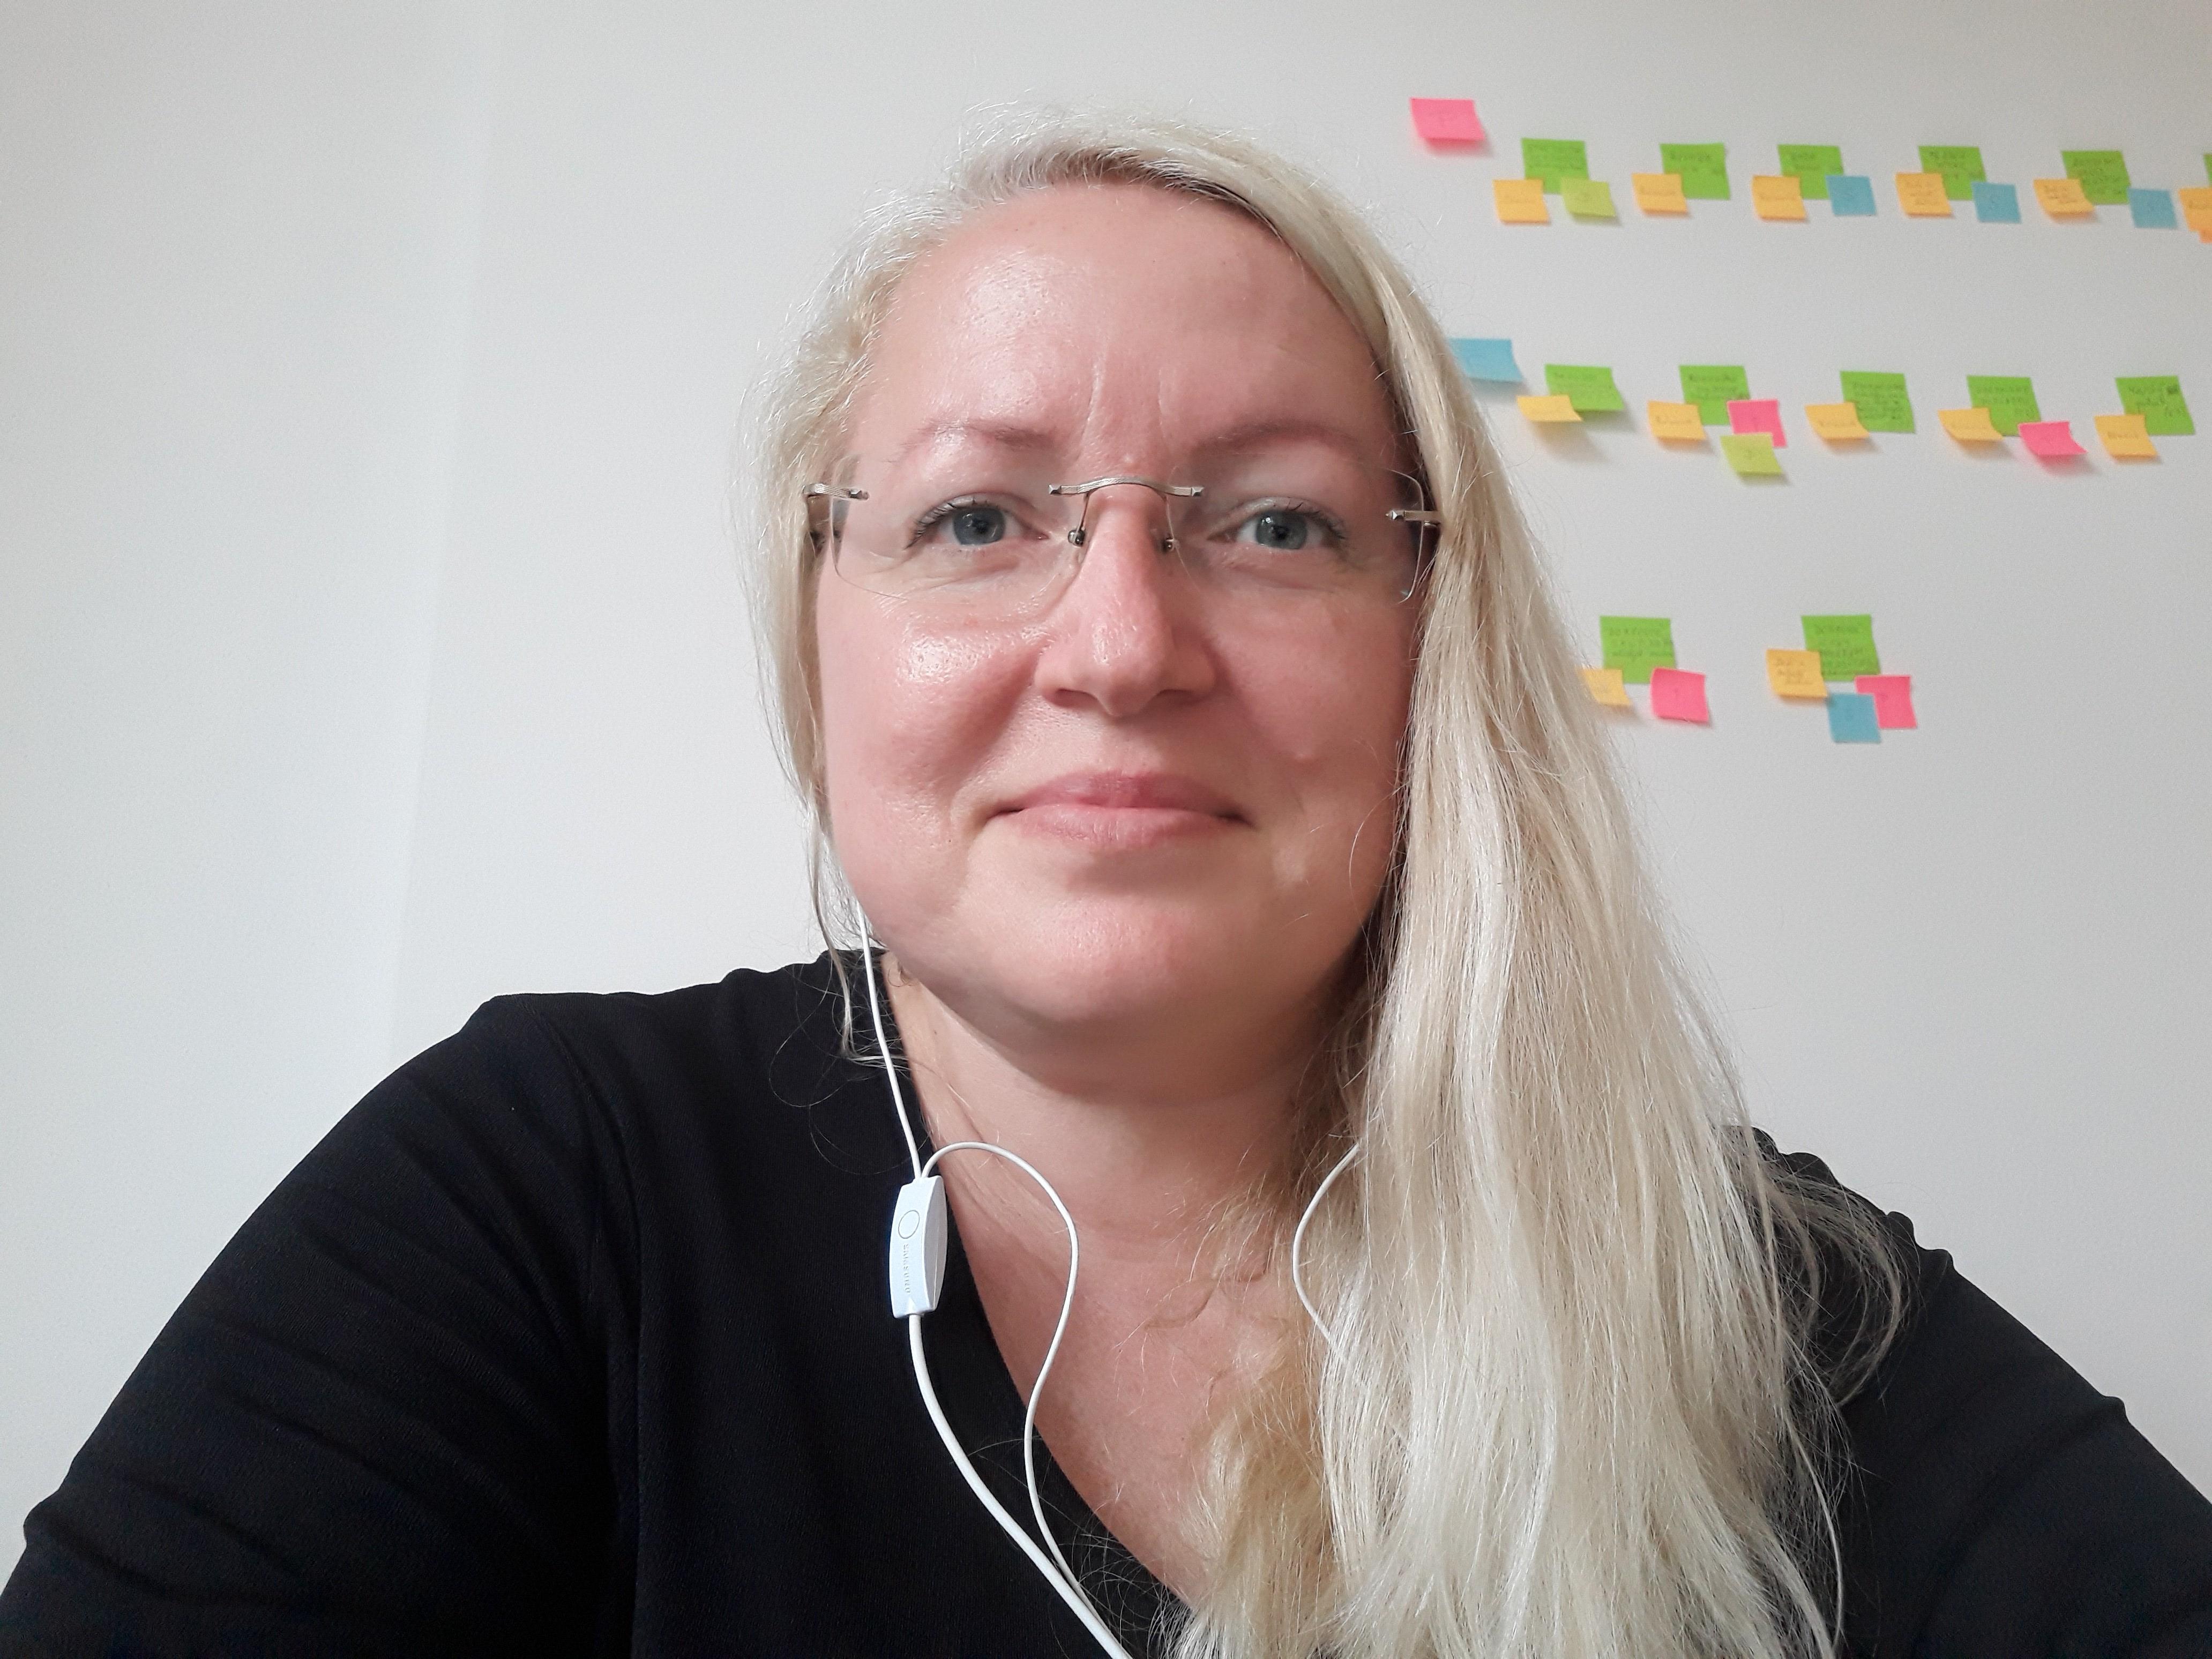 Mária Radváková / Trainer, Consultant